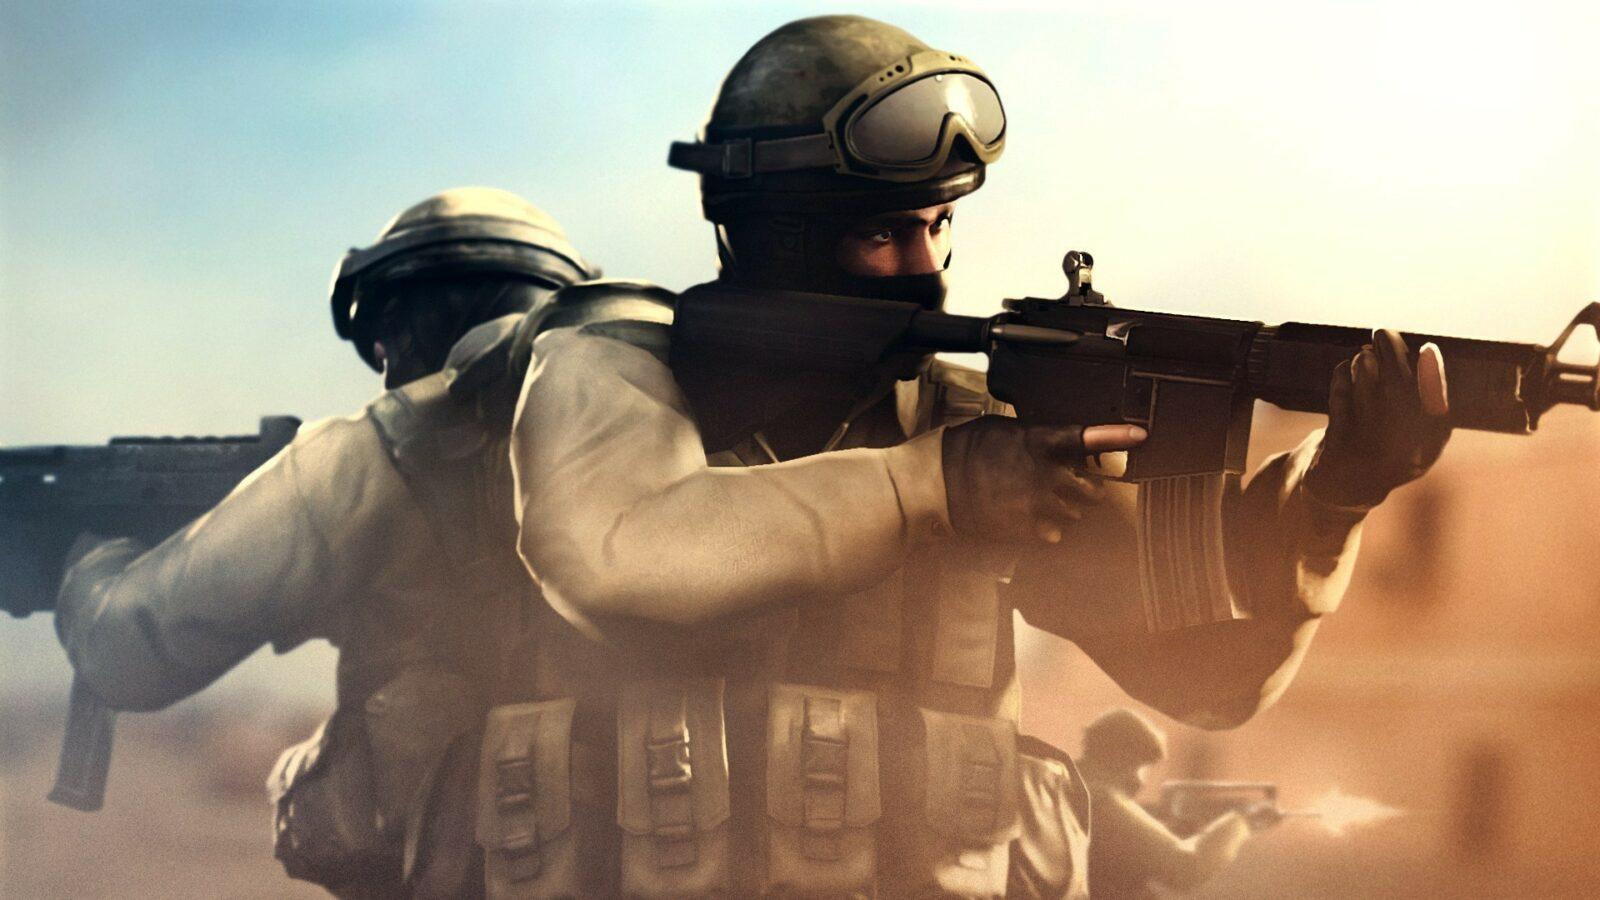 Бесконечные гранаты в игре CS:GO